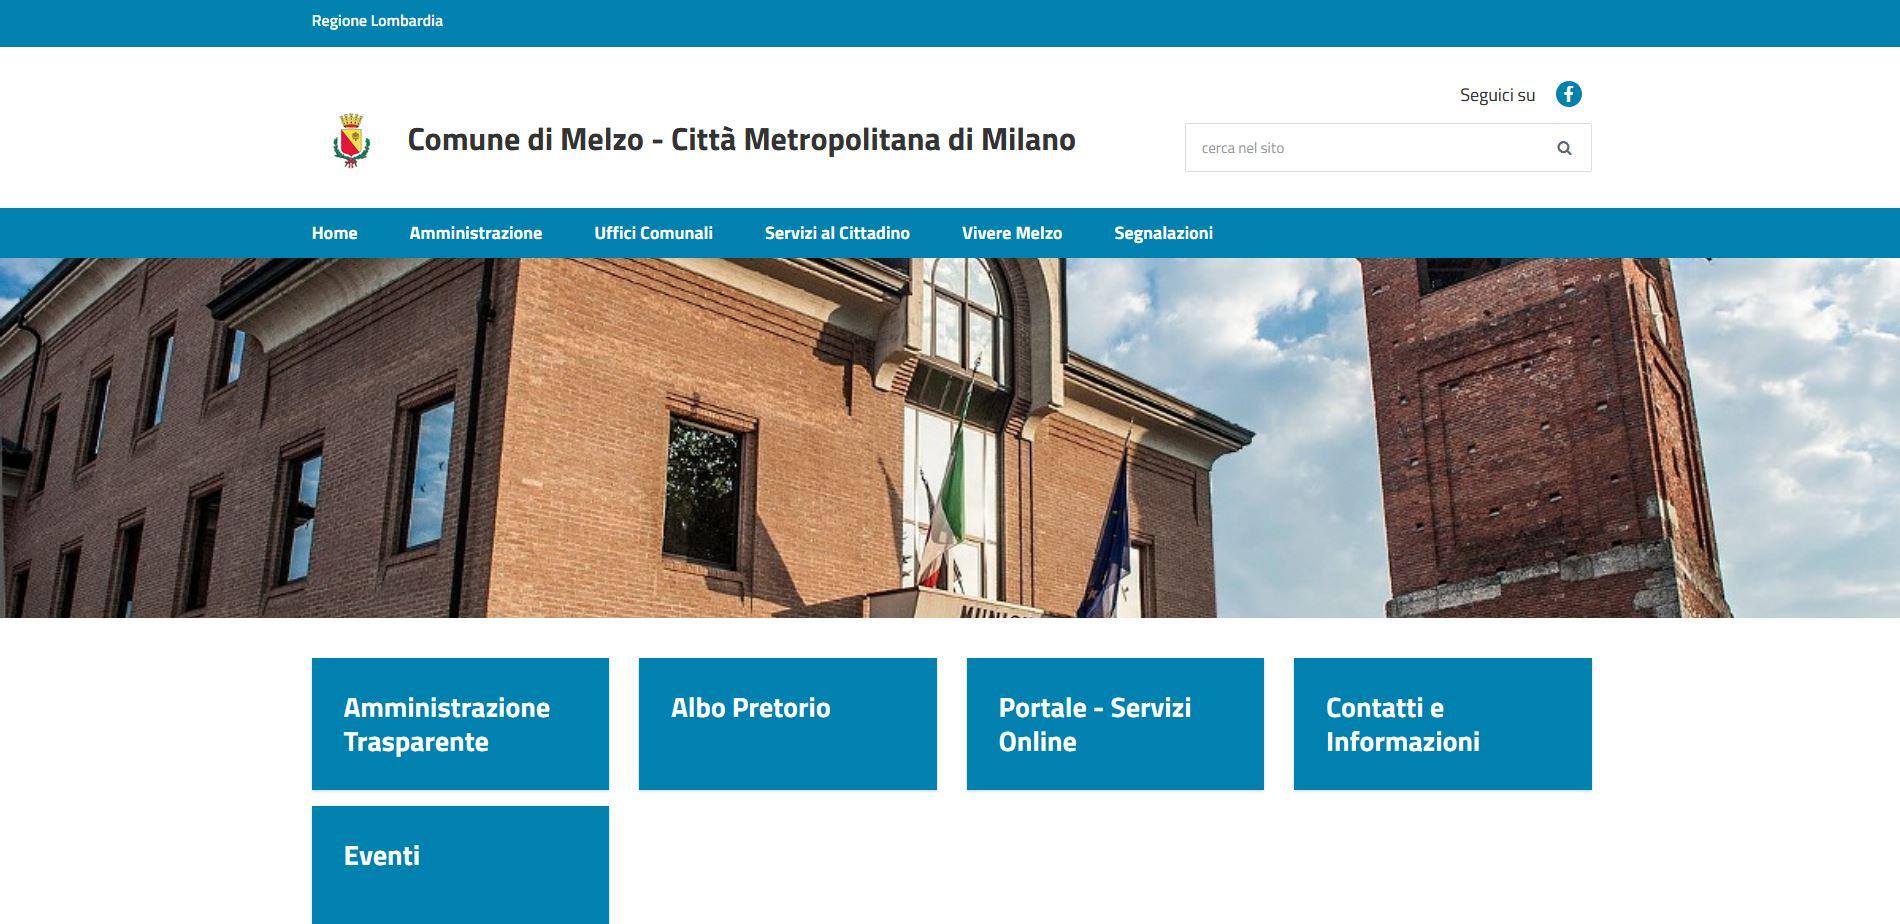 A Modo Mio Melzo online il nuovo portale del comune di melzo - cittadini di